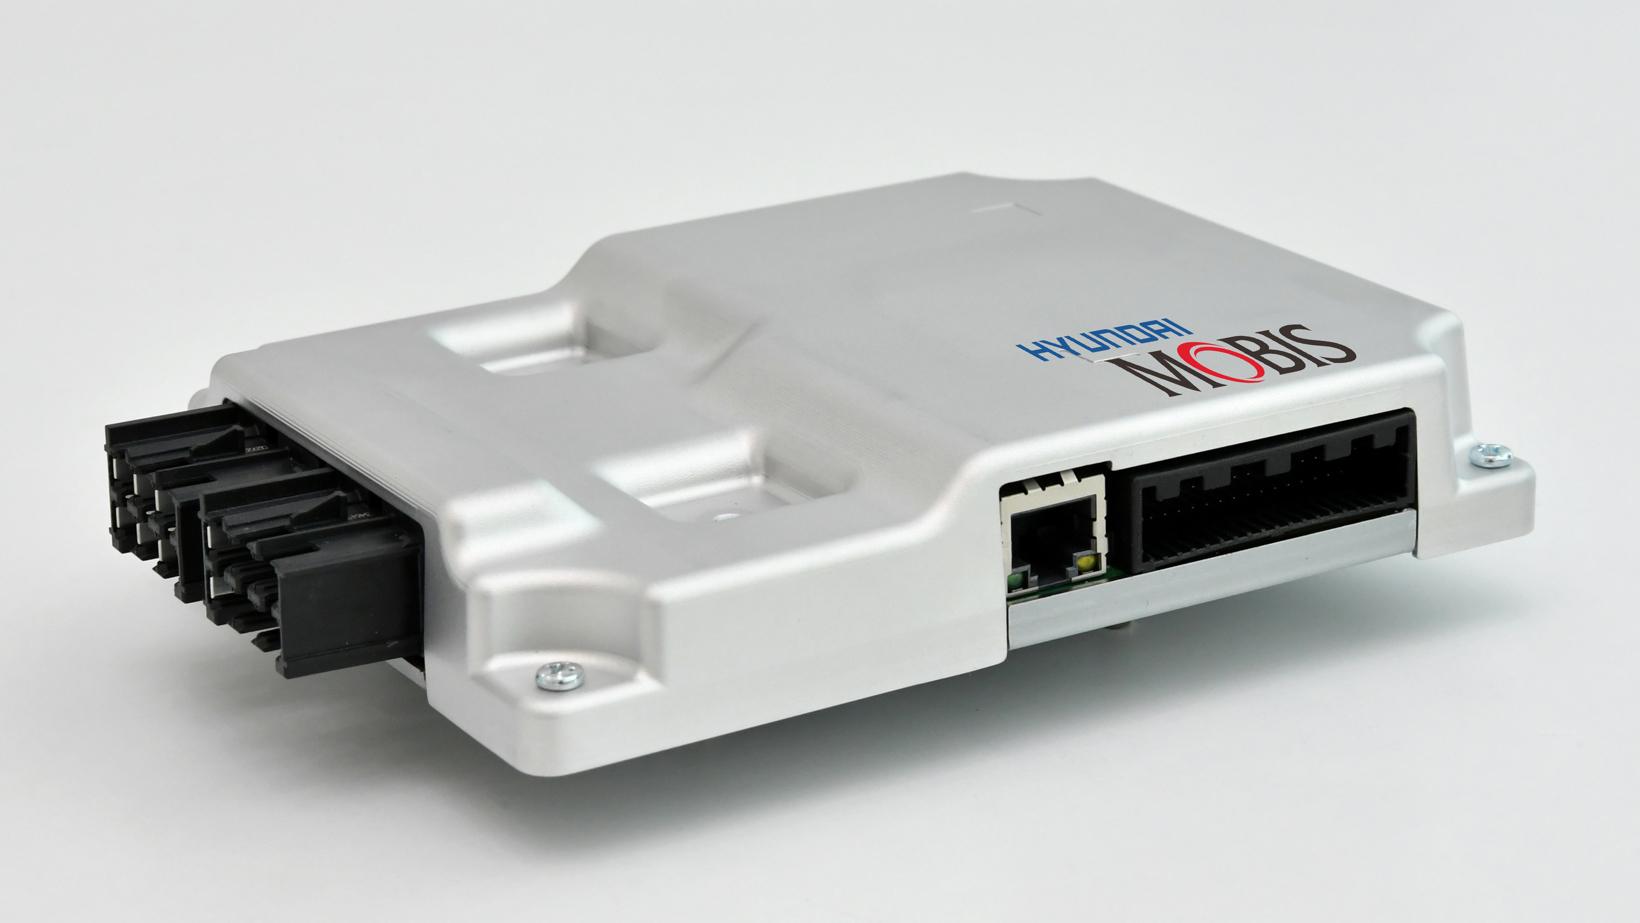 现代摩比斯,V2X,ECU,自动驾驶,互联汽车,集成通信控制器